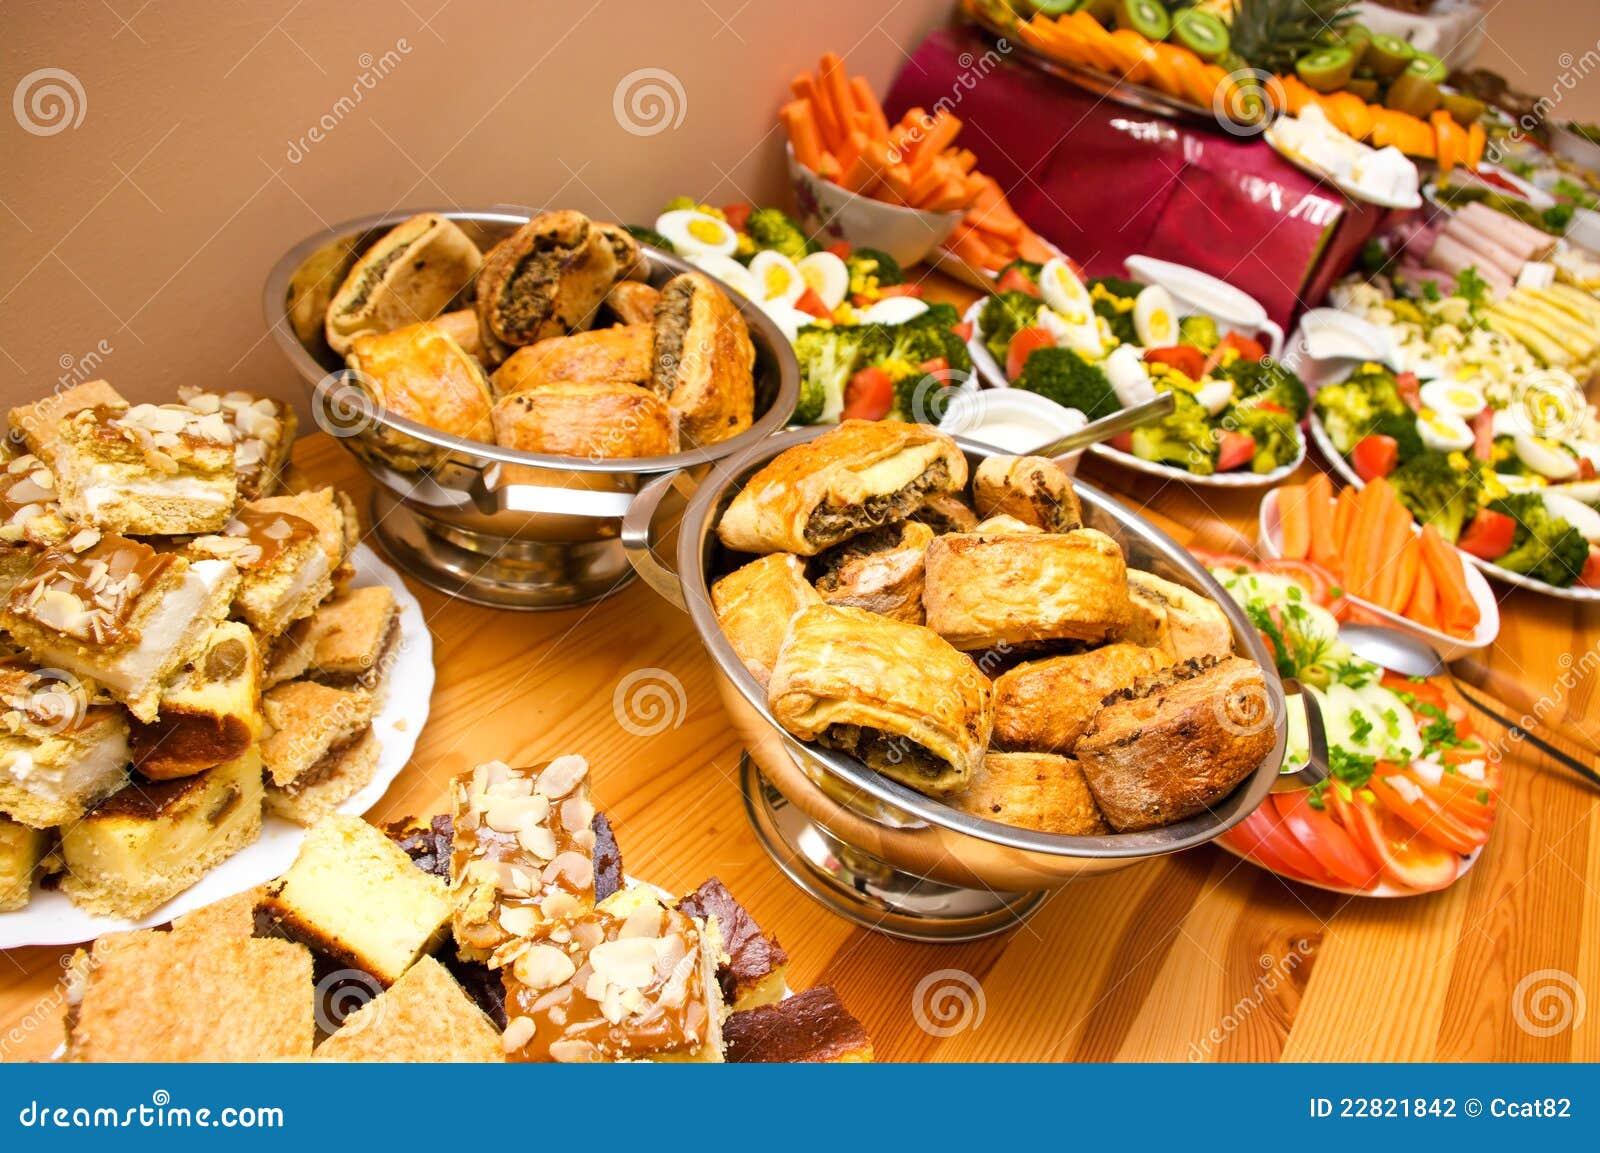 Abondance De Nourriture Photographie Stock Image 22821842